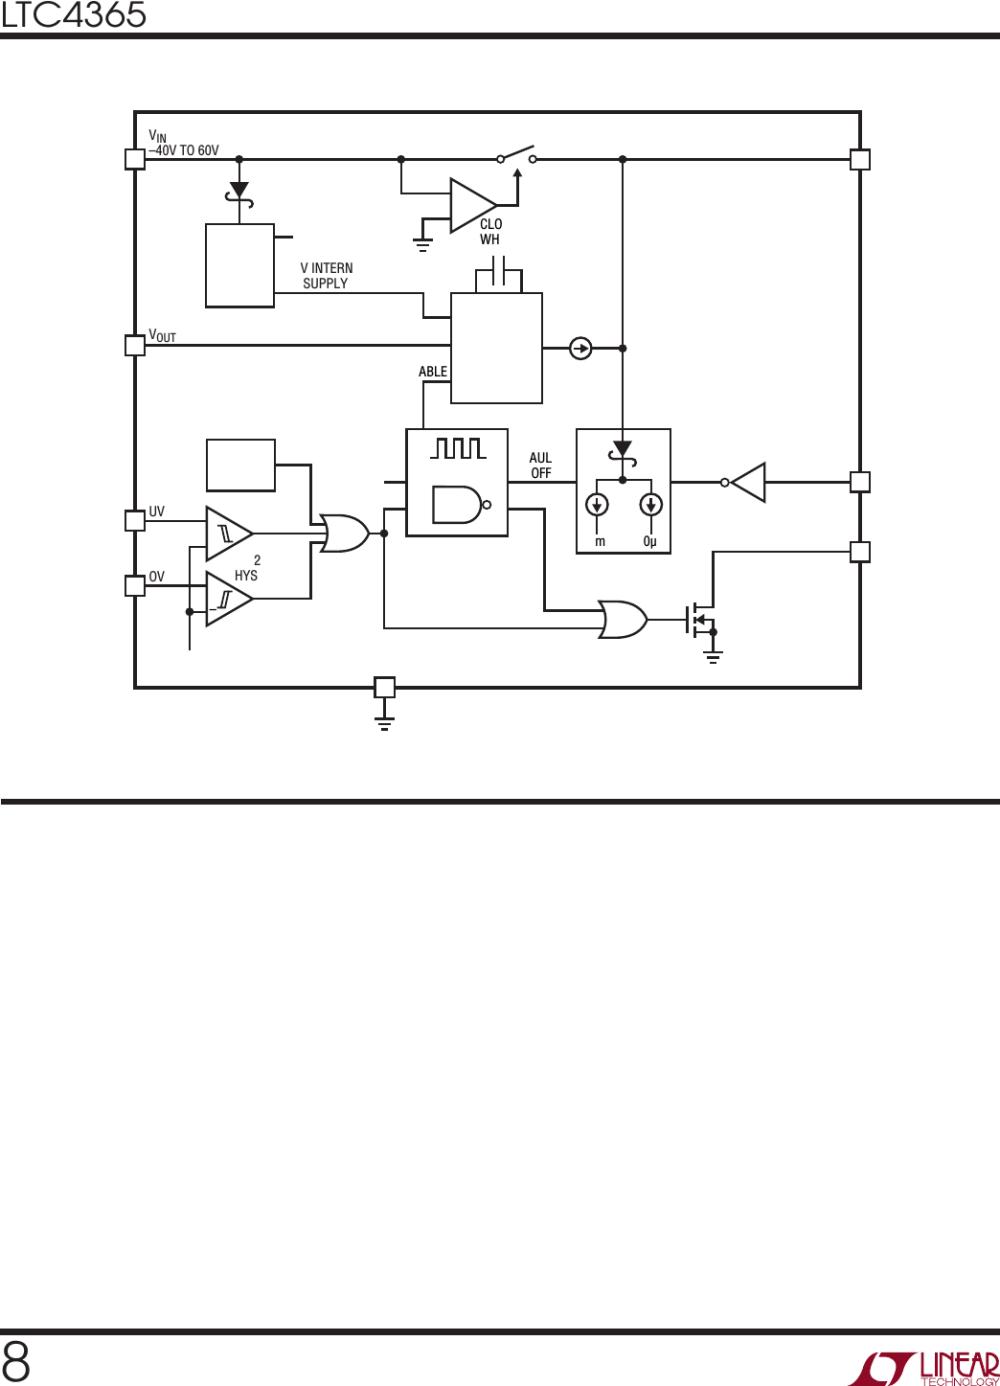 medium resolution of ltc4365